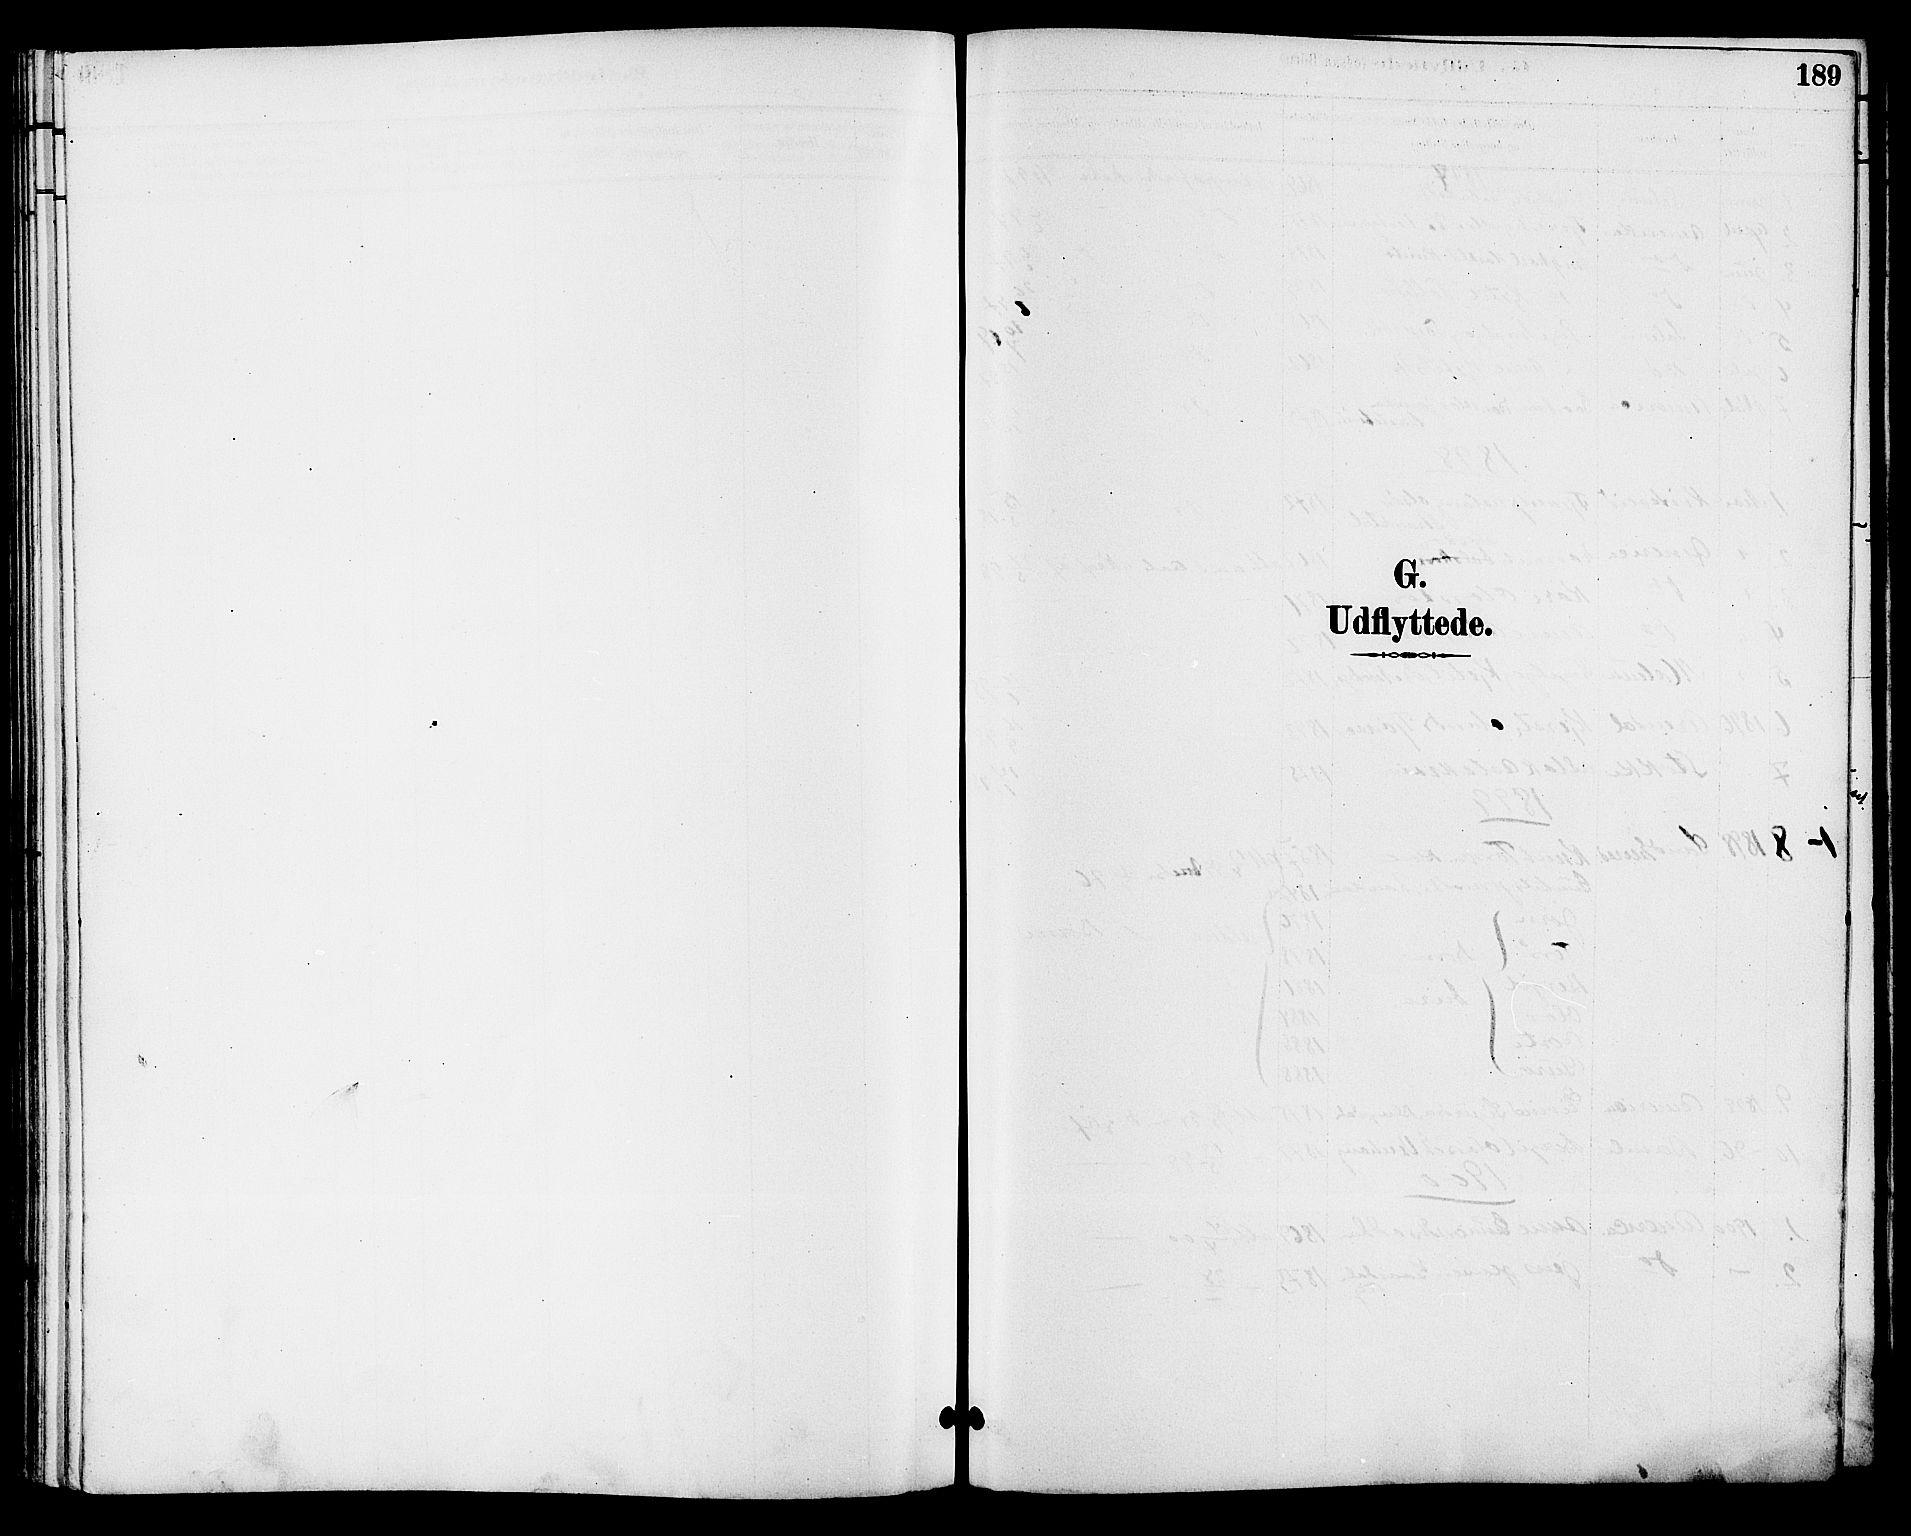 SAKO, Seljord kirkebøker, G/Ga/L0005: Klokkerbok nr. I 5, 1887-1914, s. 189